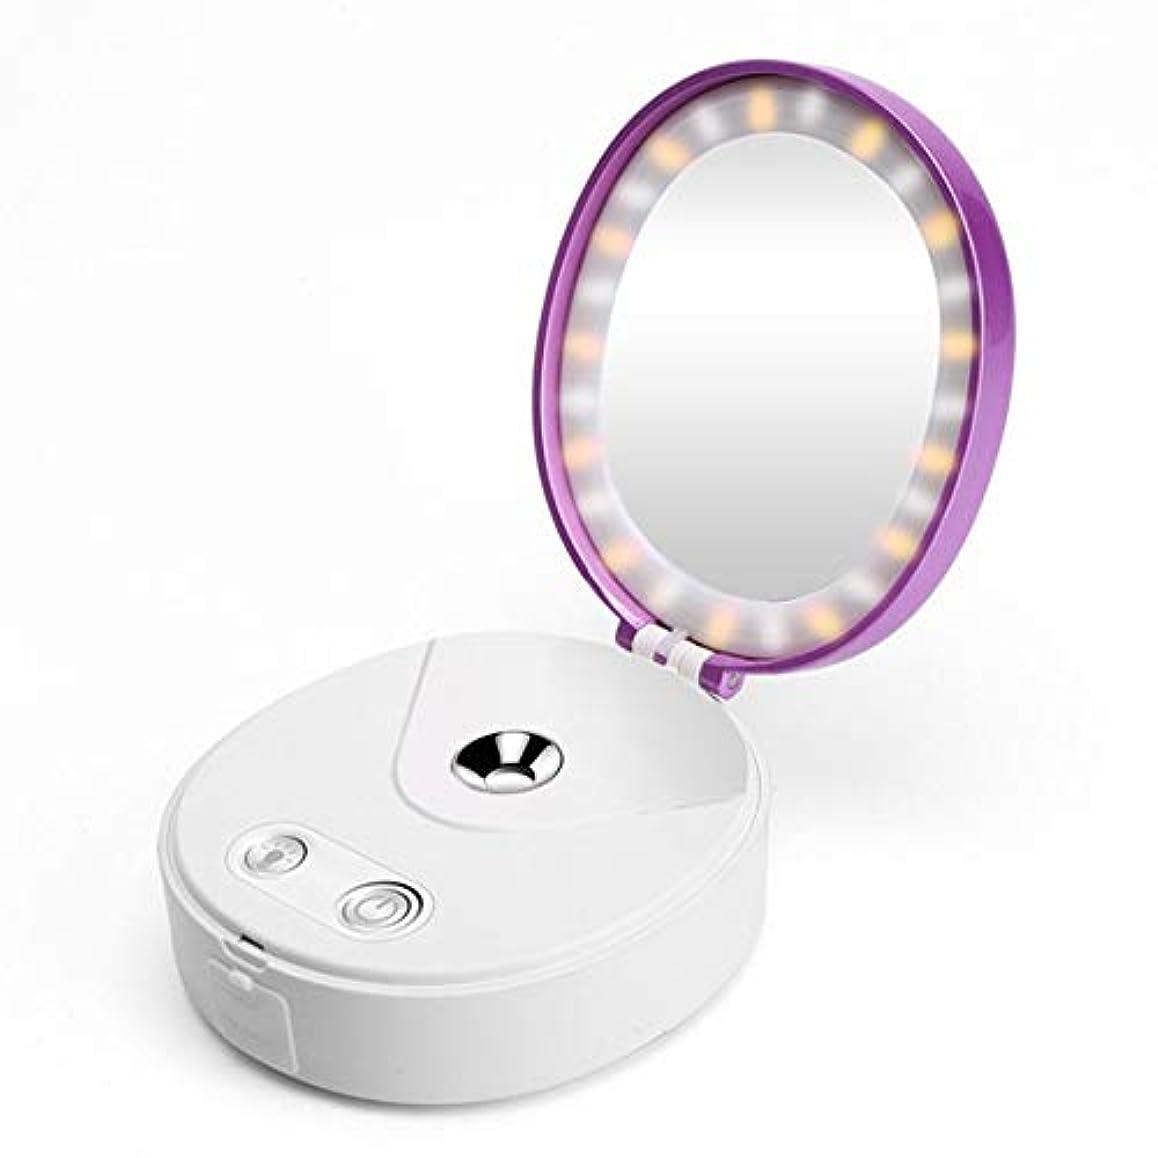 コールド空気古風な化粧鏡ライト力銀行が付いている1つの小型ナノ霧の冷たいスプレーヤーの顔の加湿器に付き4つ